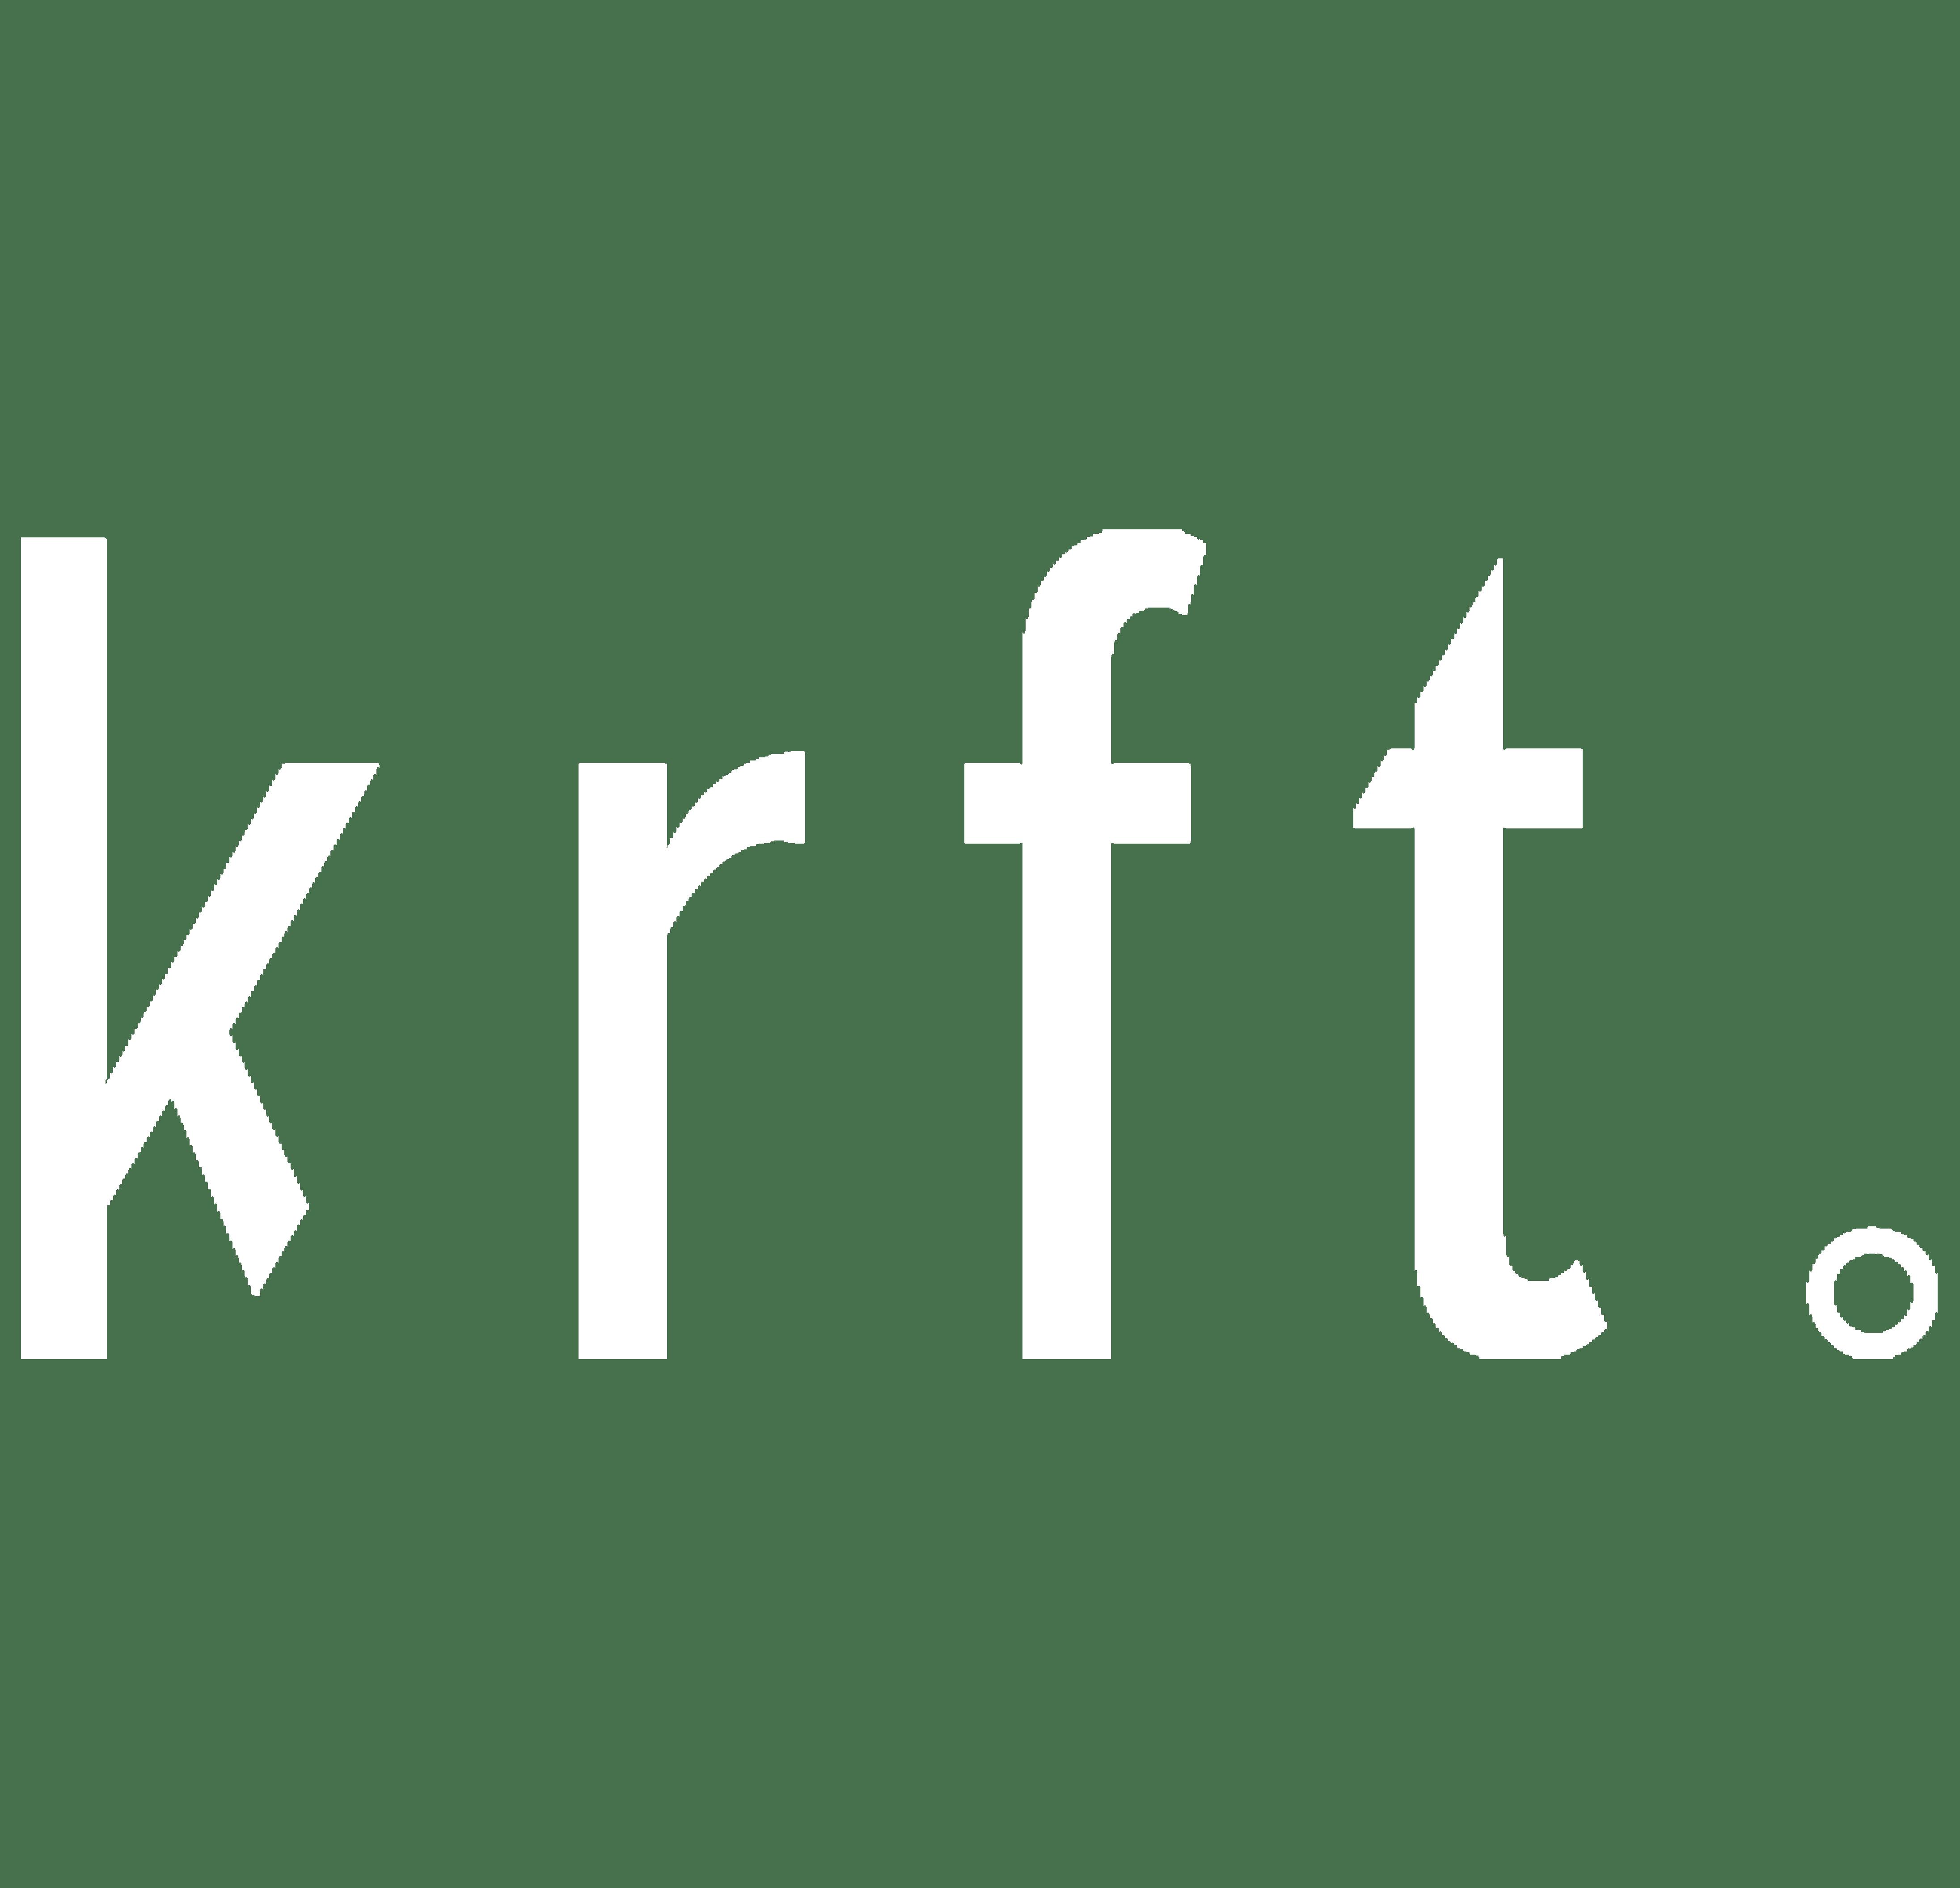 logo-krft-white